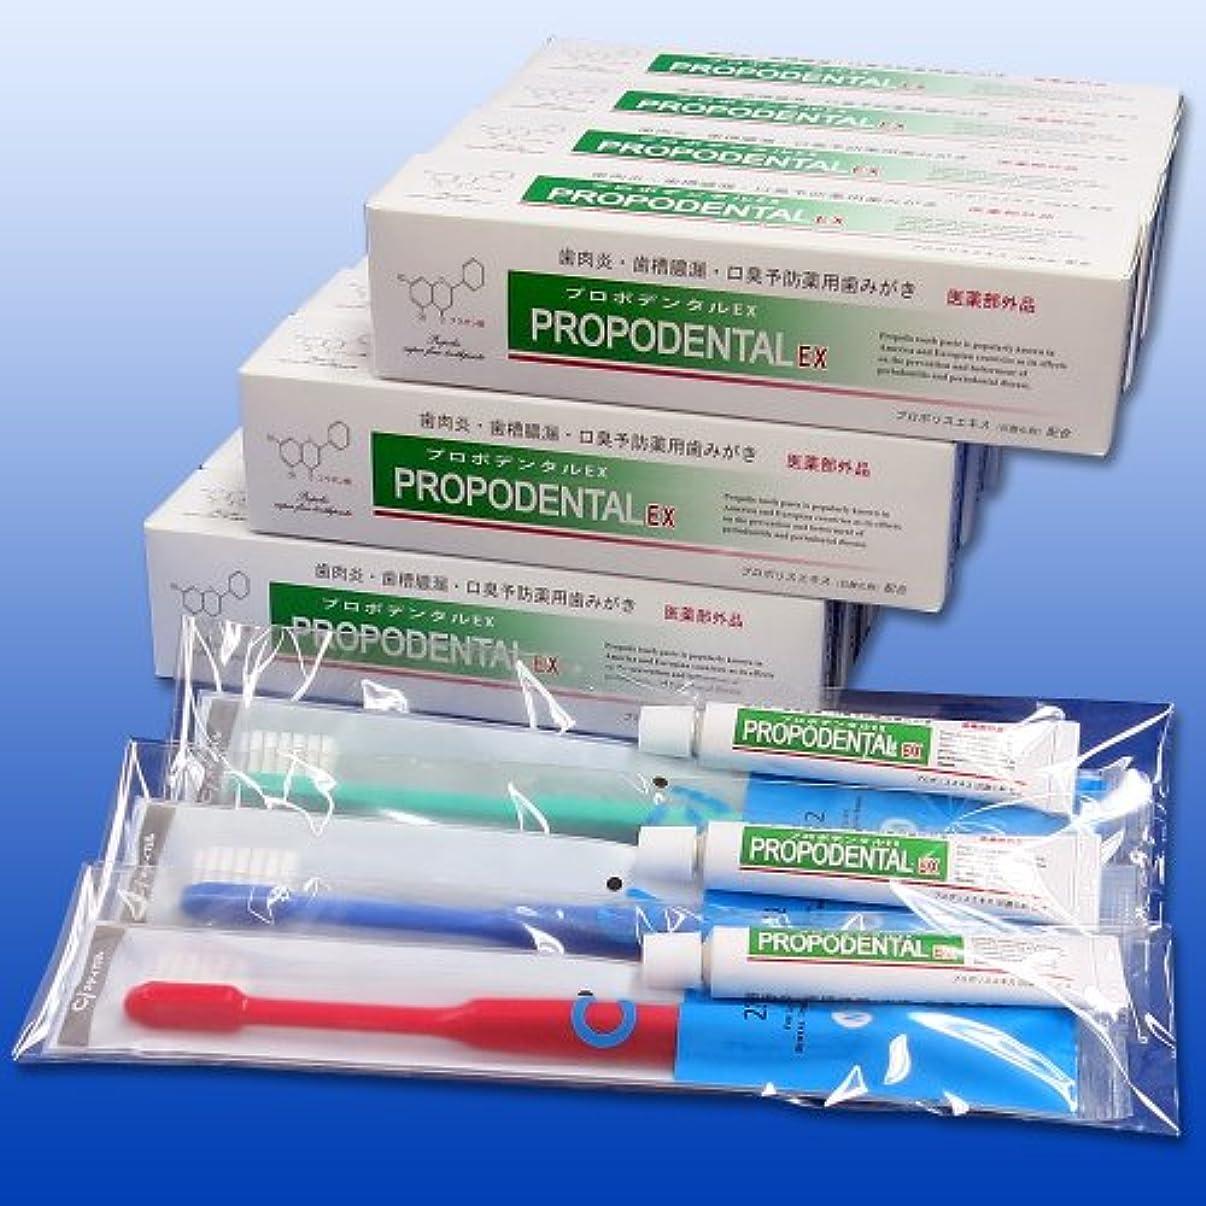 ちょうつがい非常に運賃プロポデンタルEX(80g)12本セット+ハブラシセット 3セット【歯周病】歯磨き粉 プロポリス配合薬用歯みがき 口臭ケア